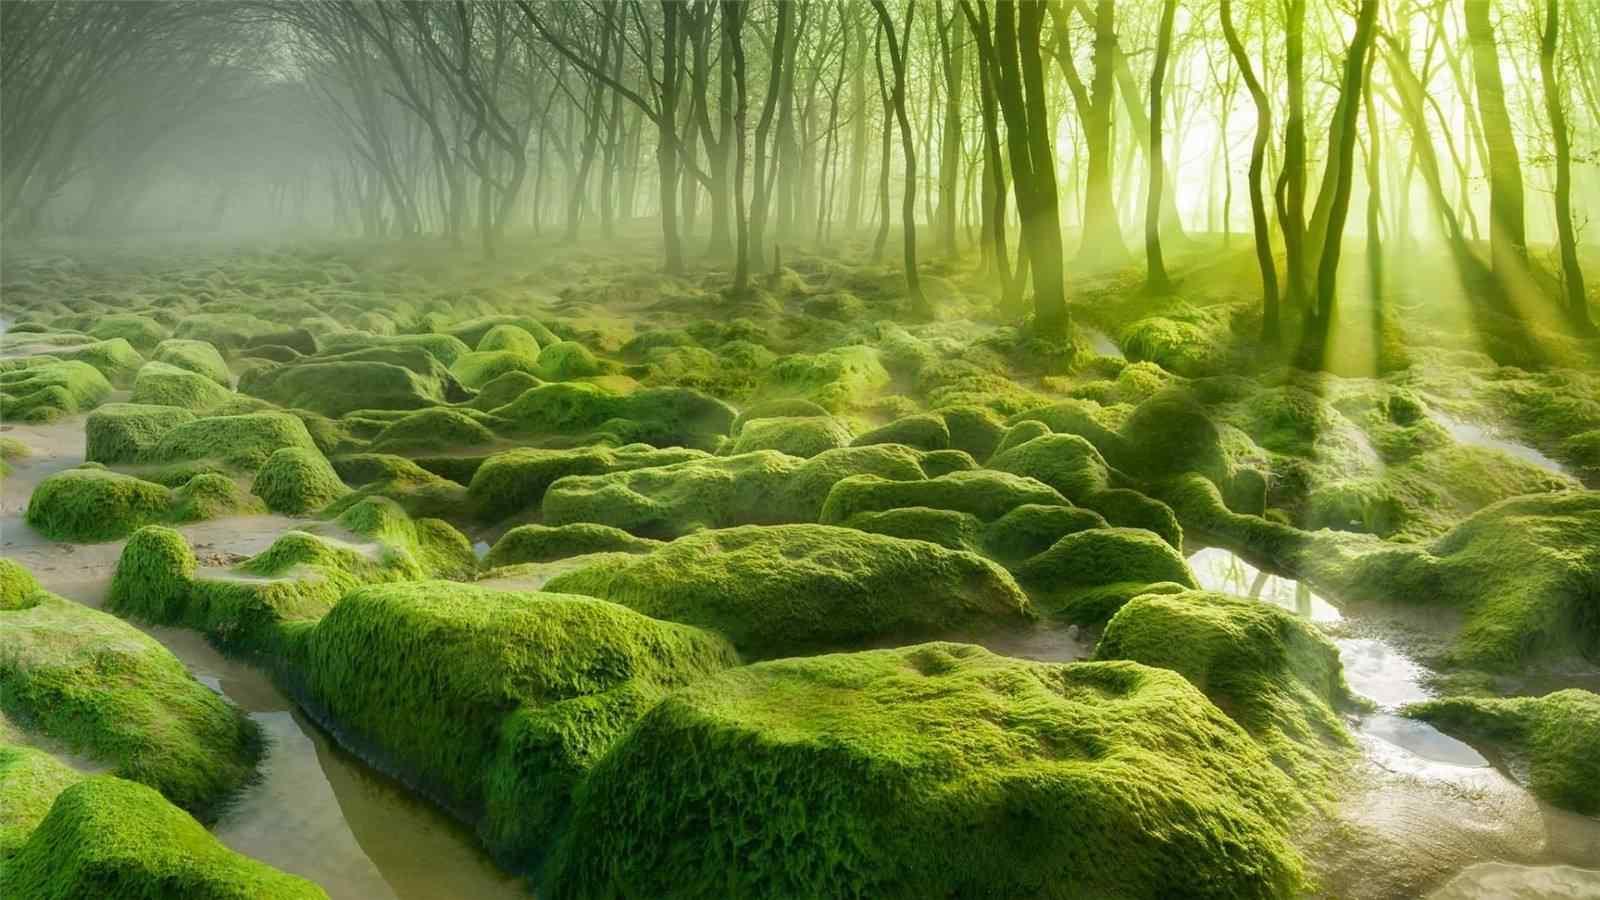 绿色树林草地风景壁纸